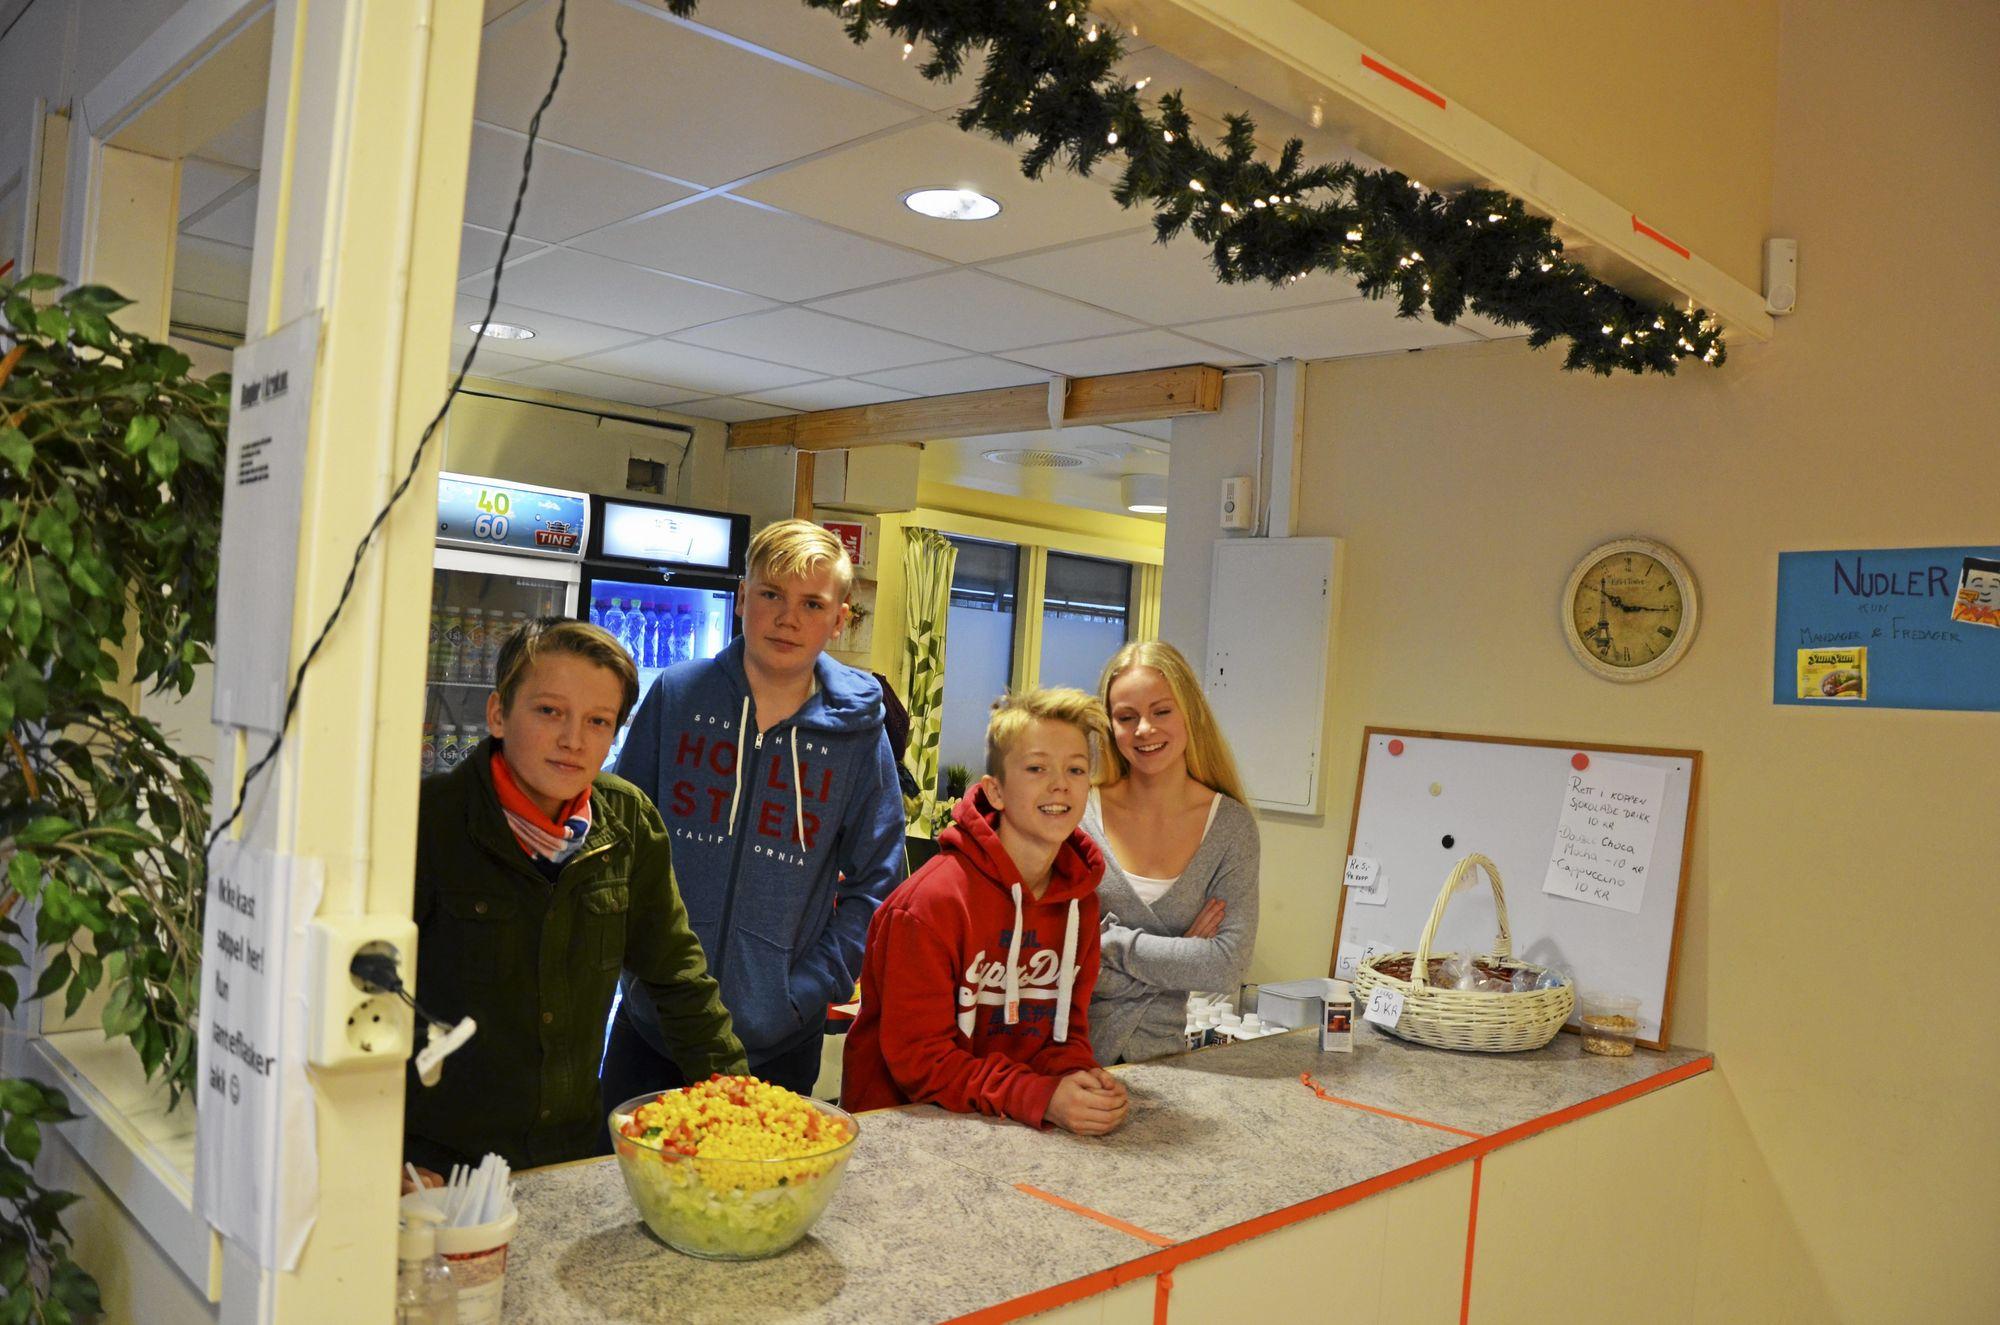 FORRETNINGSDRIVENDE: Marius, Leon, Oskar og Tuva er allerede bedriftseiere. De driver nemlig kantinen på Sofiemyrtoppen skole som elevbedrift gjennom Ungt Entreprenørskap.